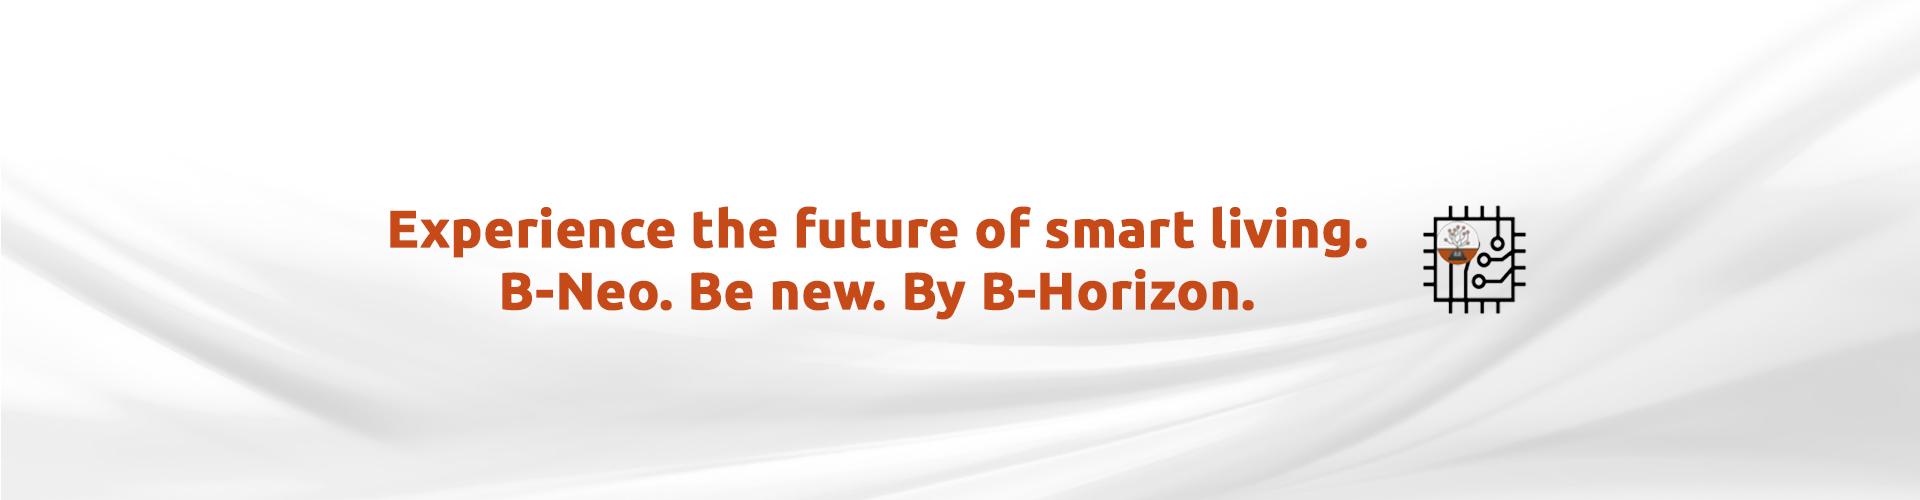 b-neo be new by b-horizon